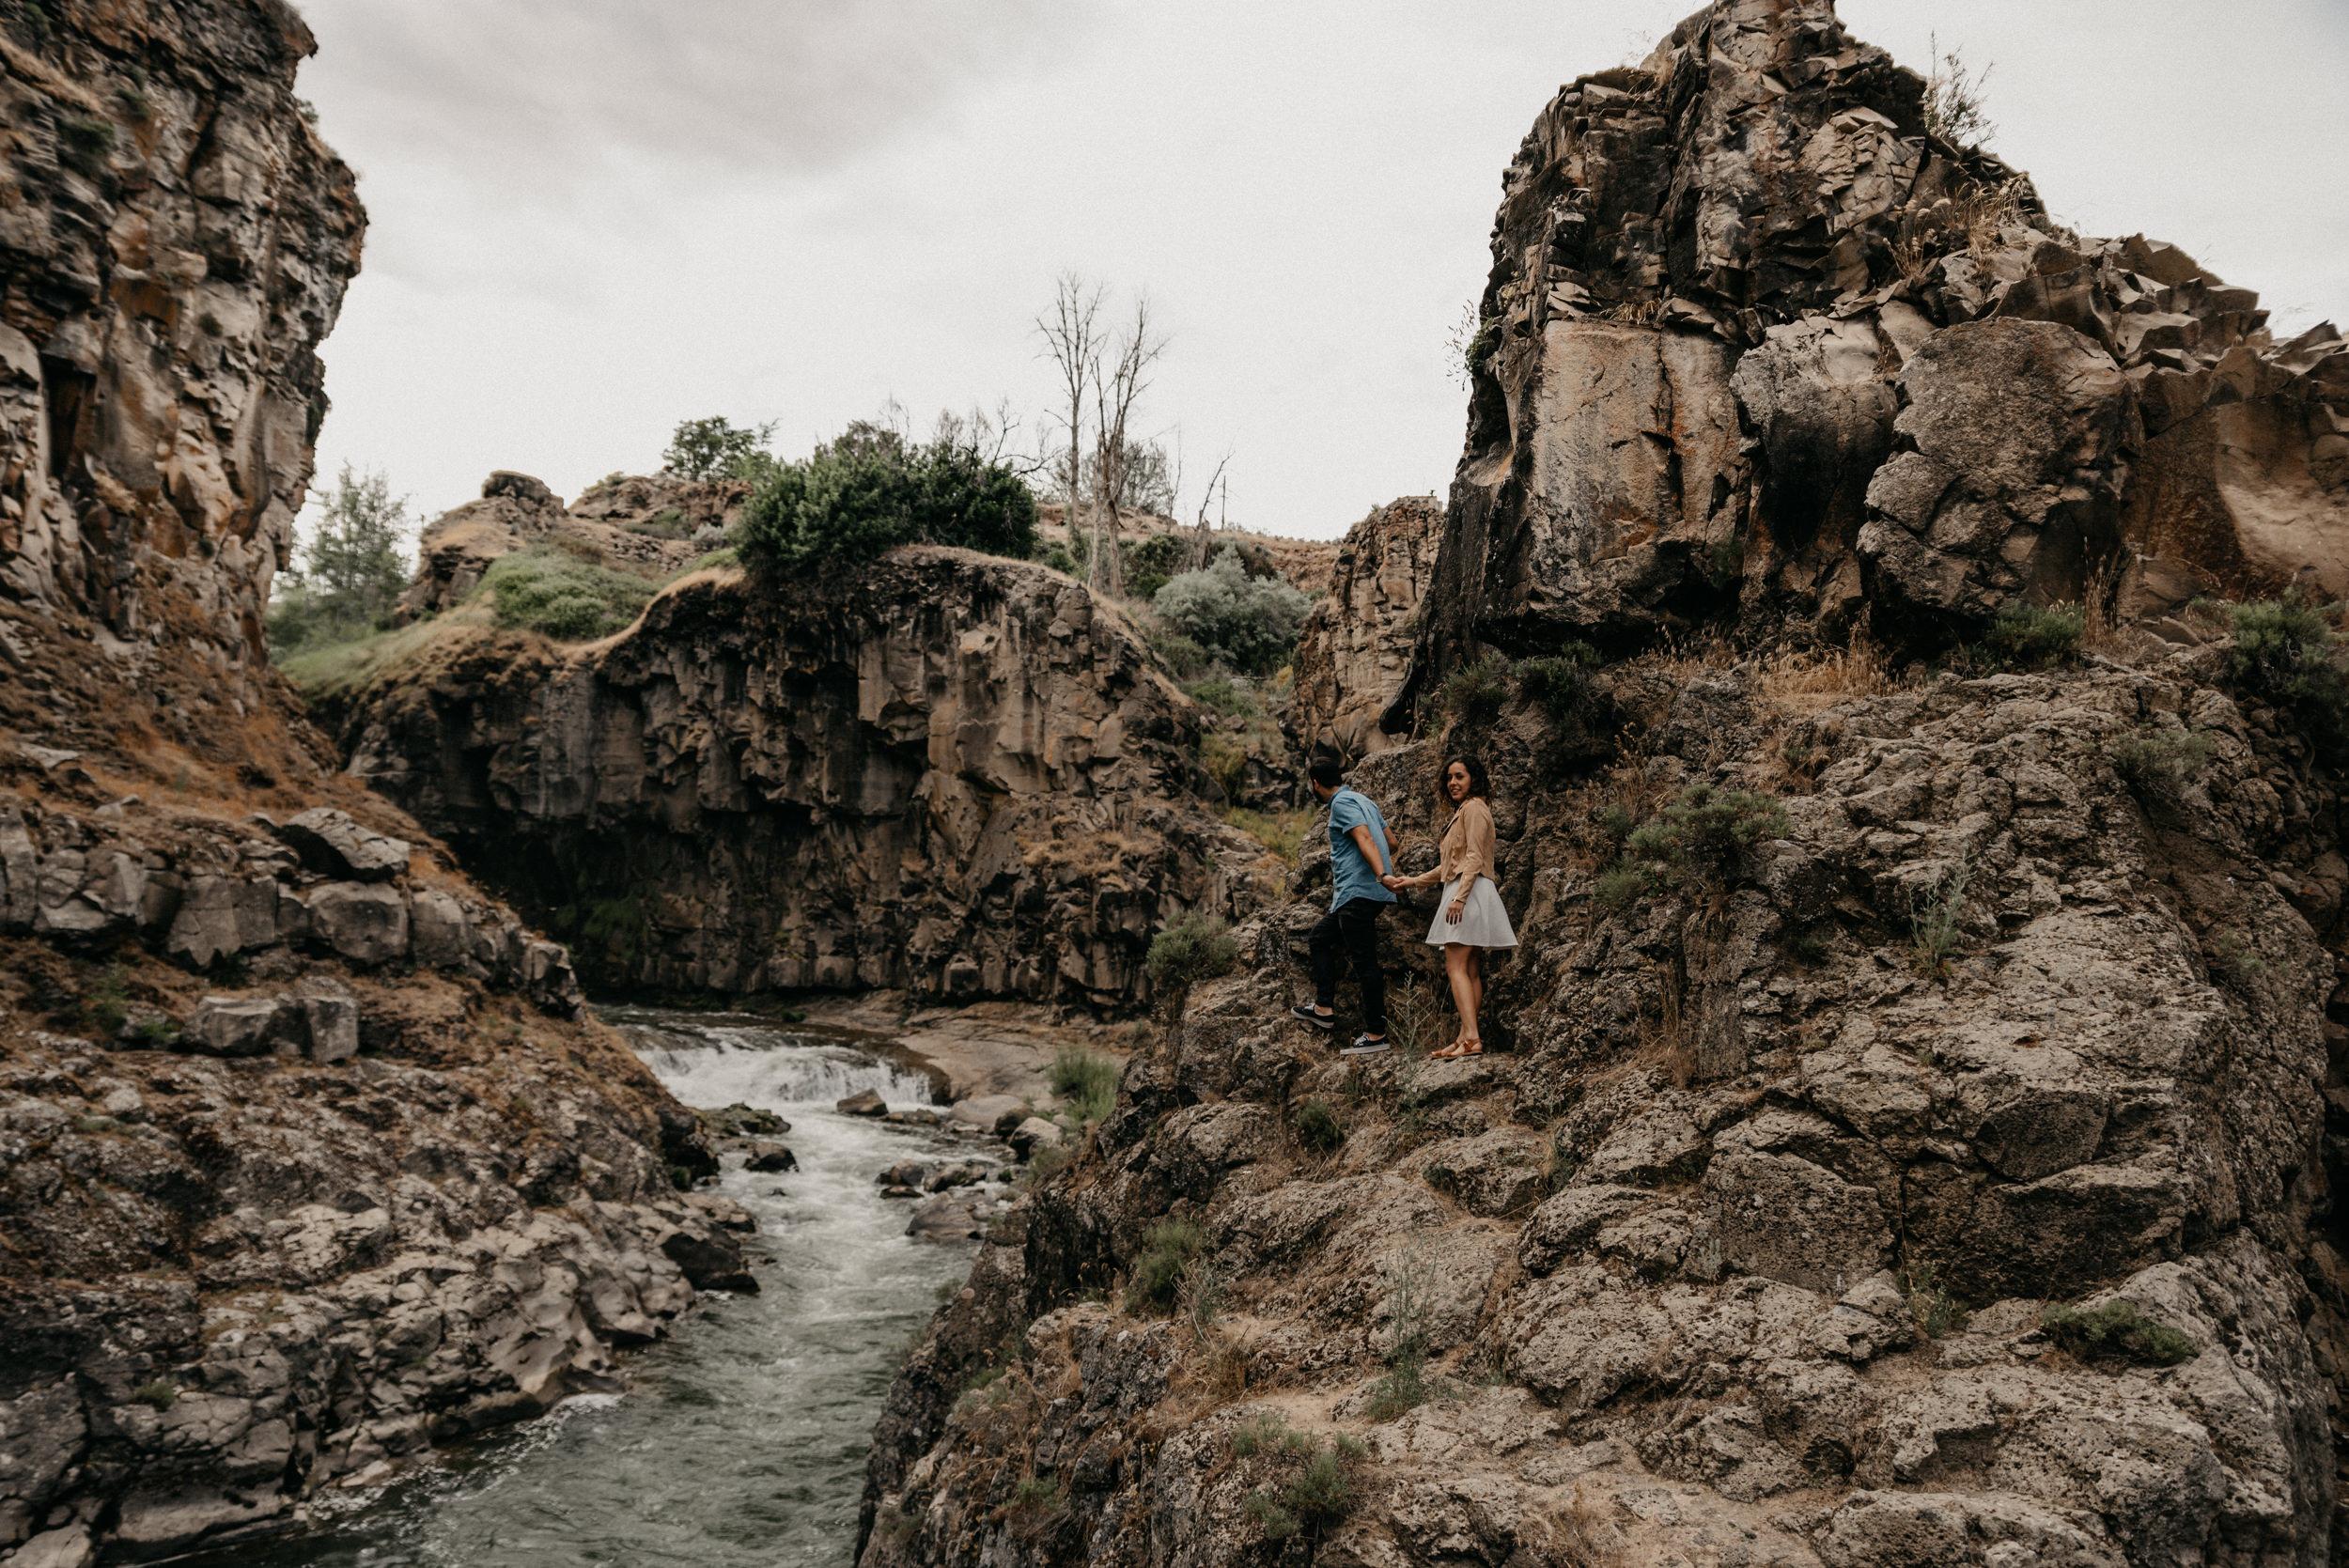 4-White-river-falls-state-park-engagement-5556.jpg